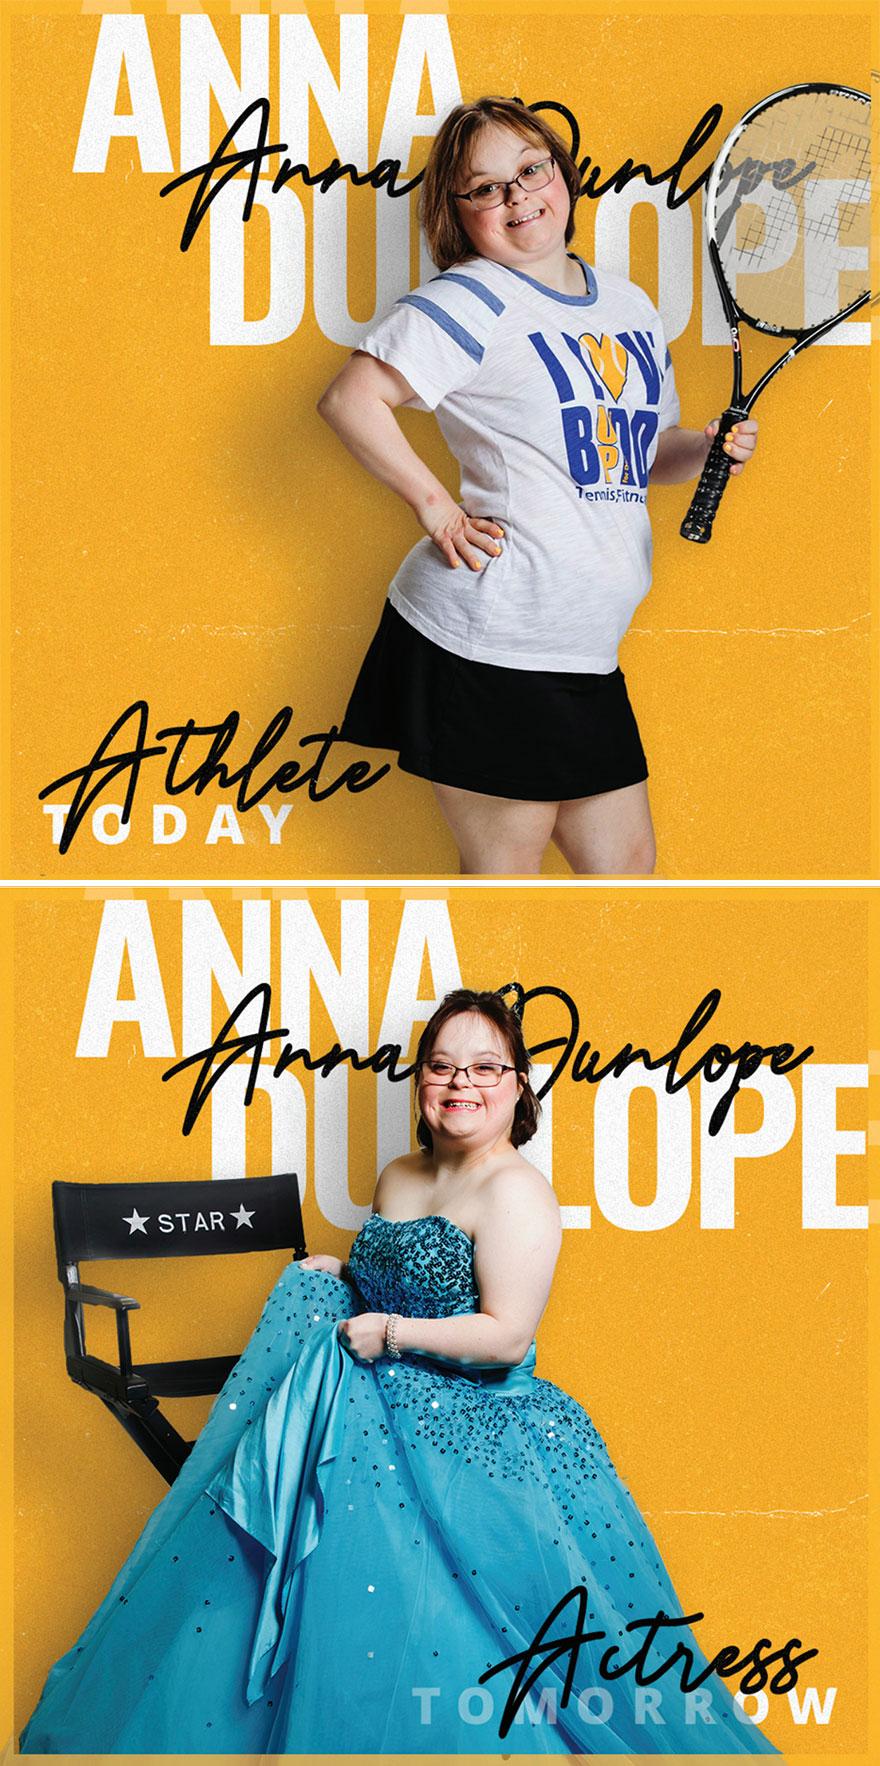 Anna Dunlope, Actress